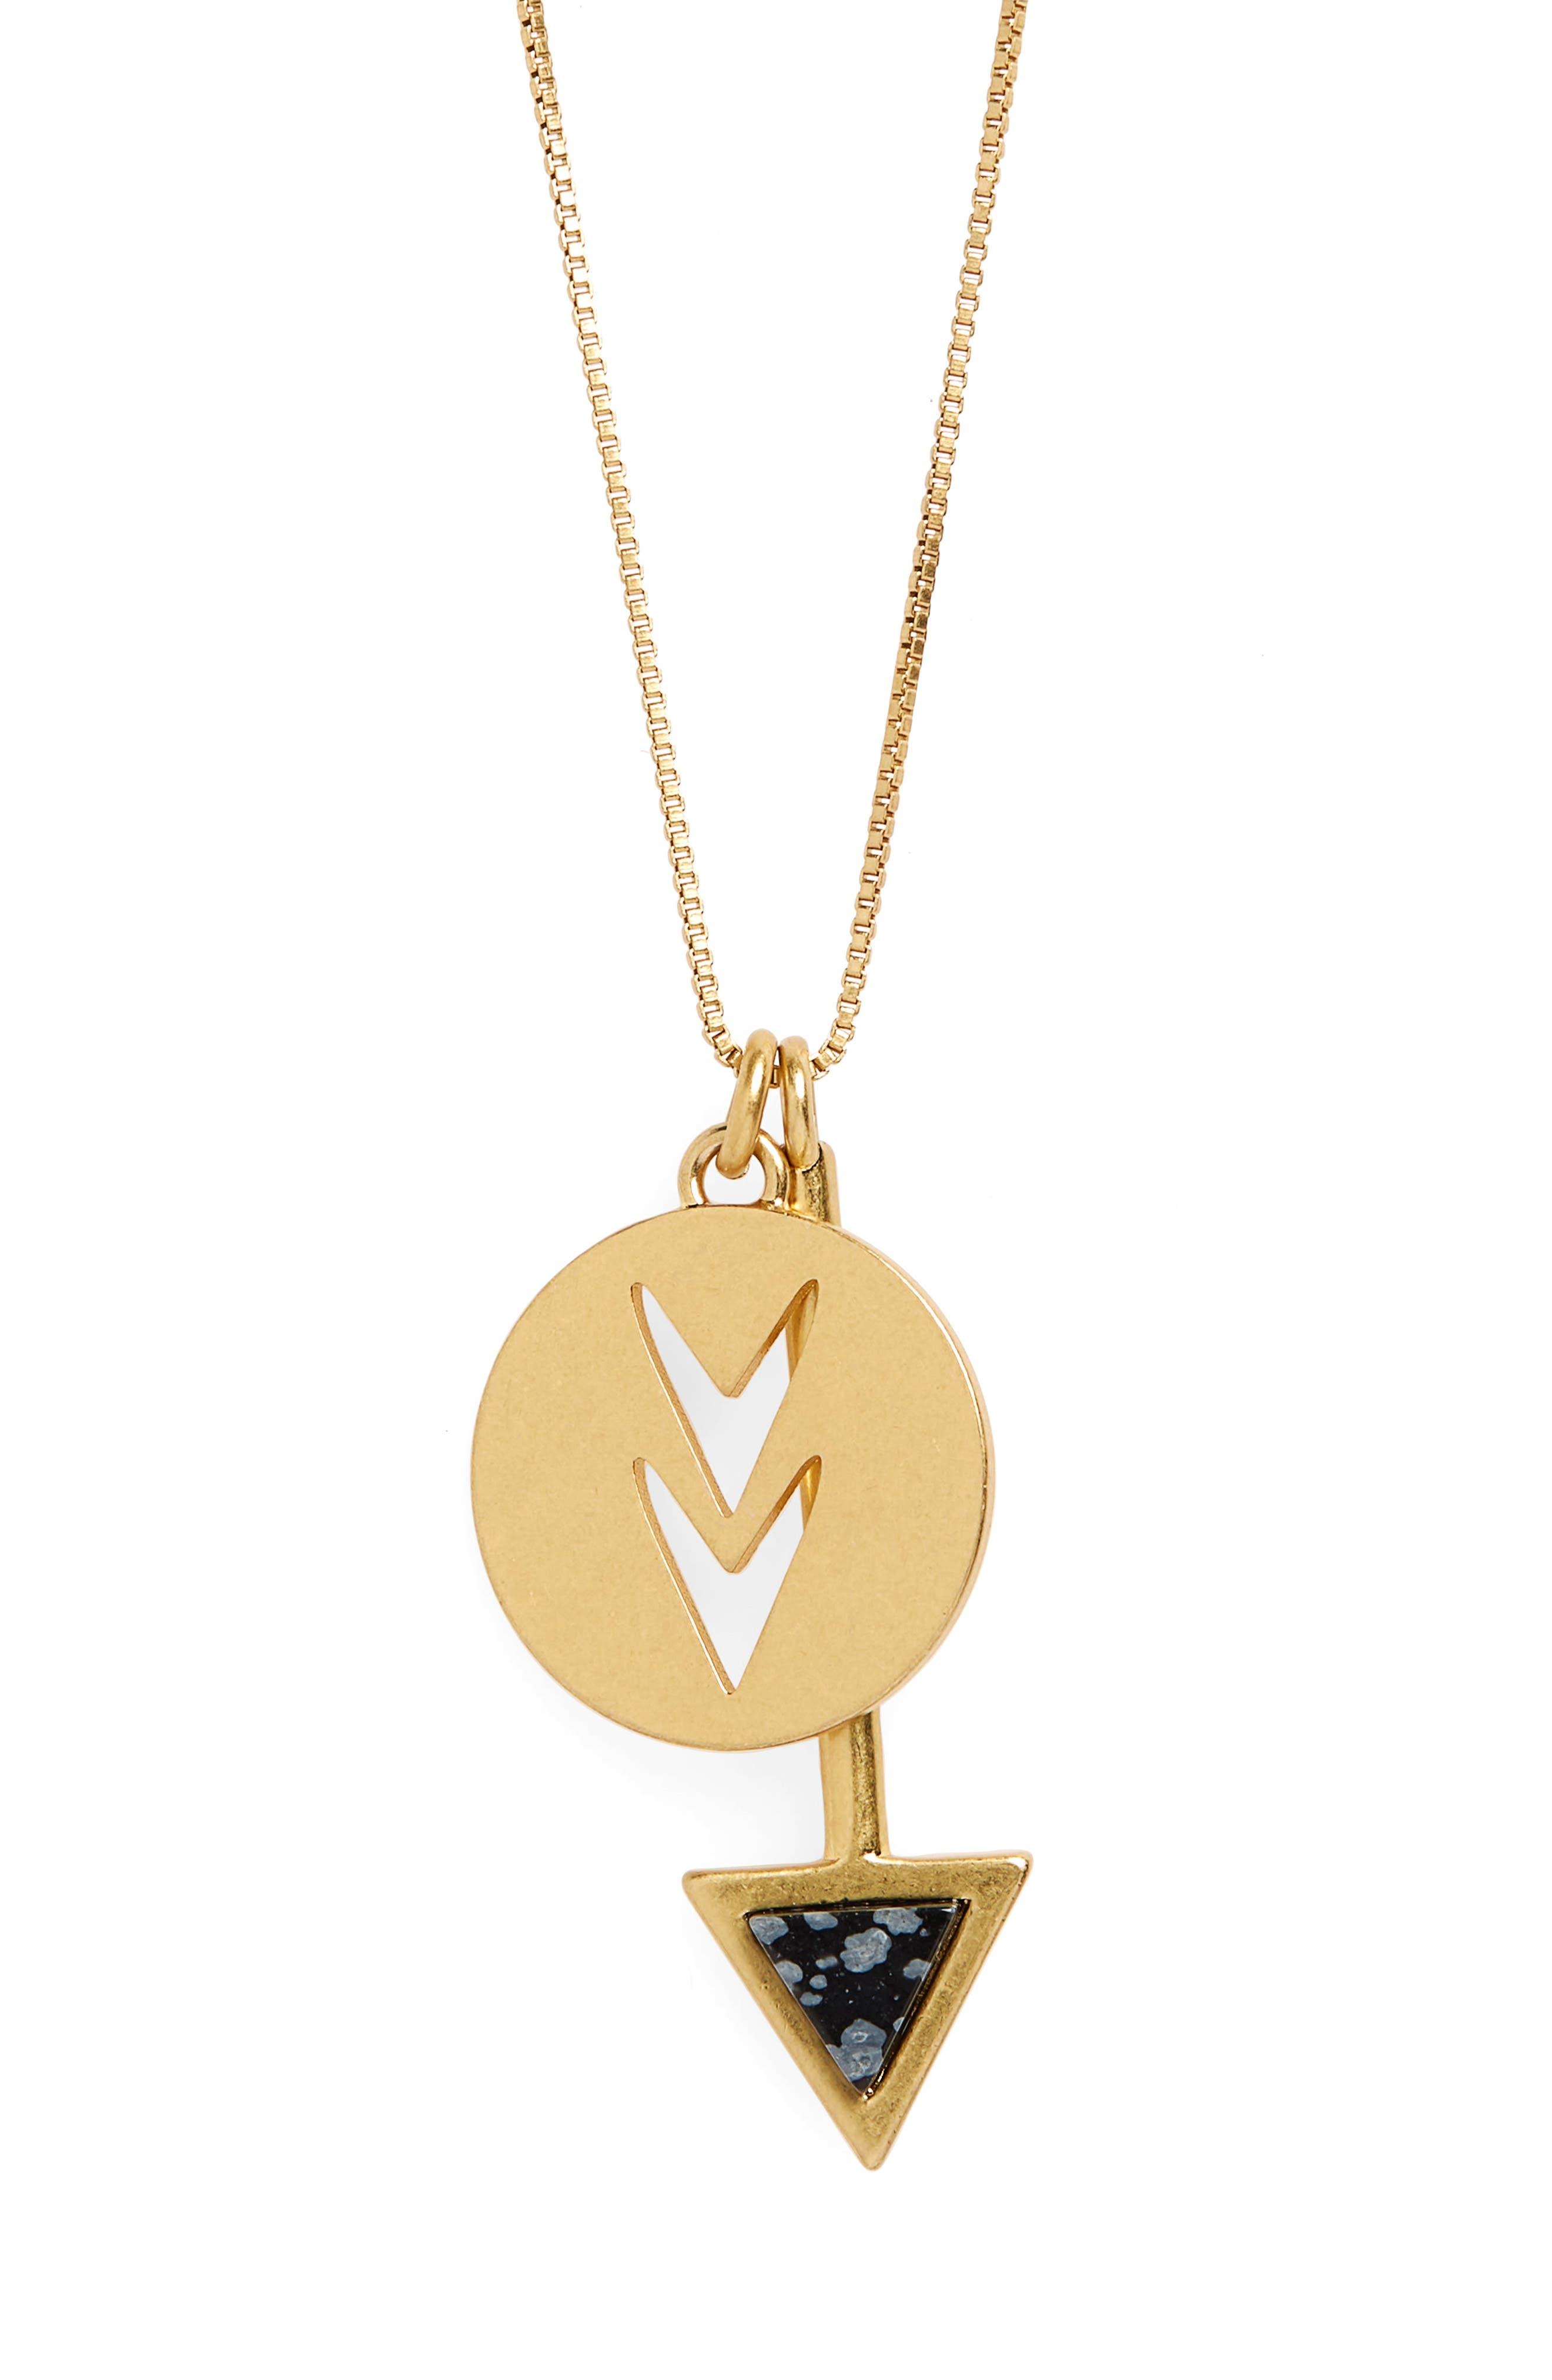 Arrowshift Pendant Necklace,                         Main,                         color, Vintage Gold